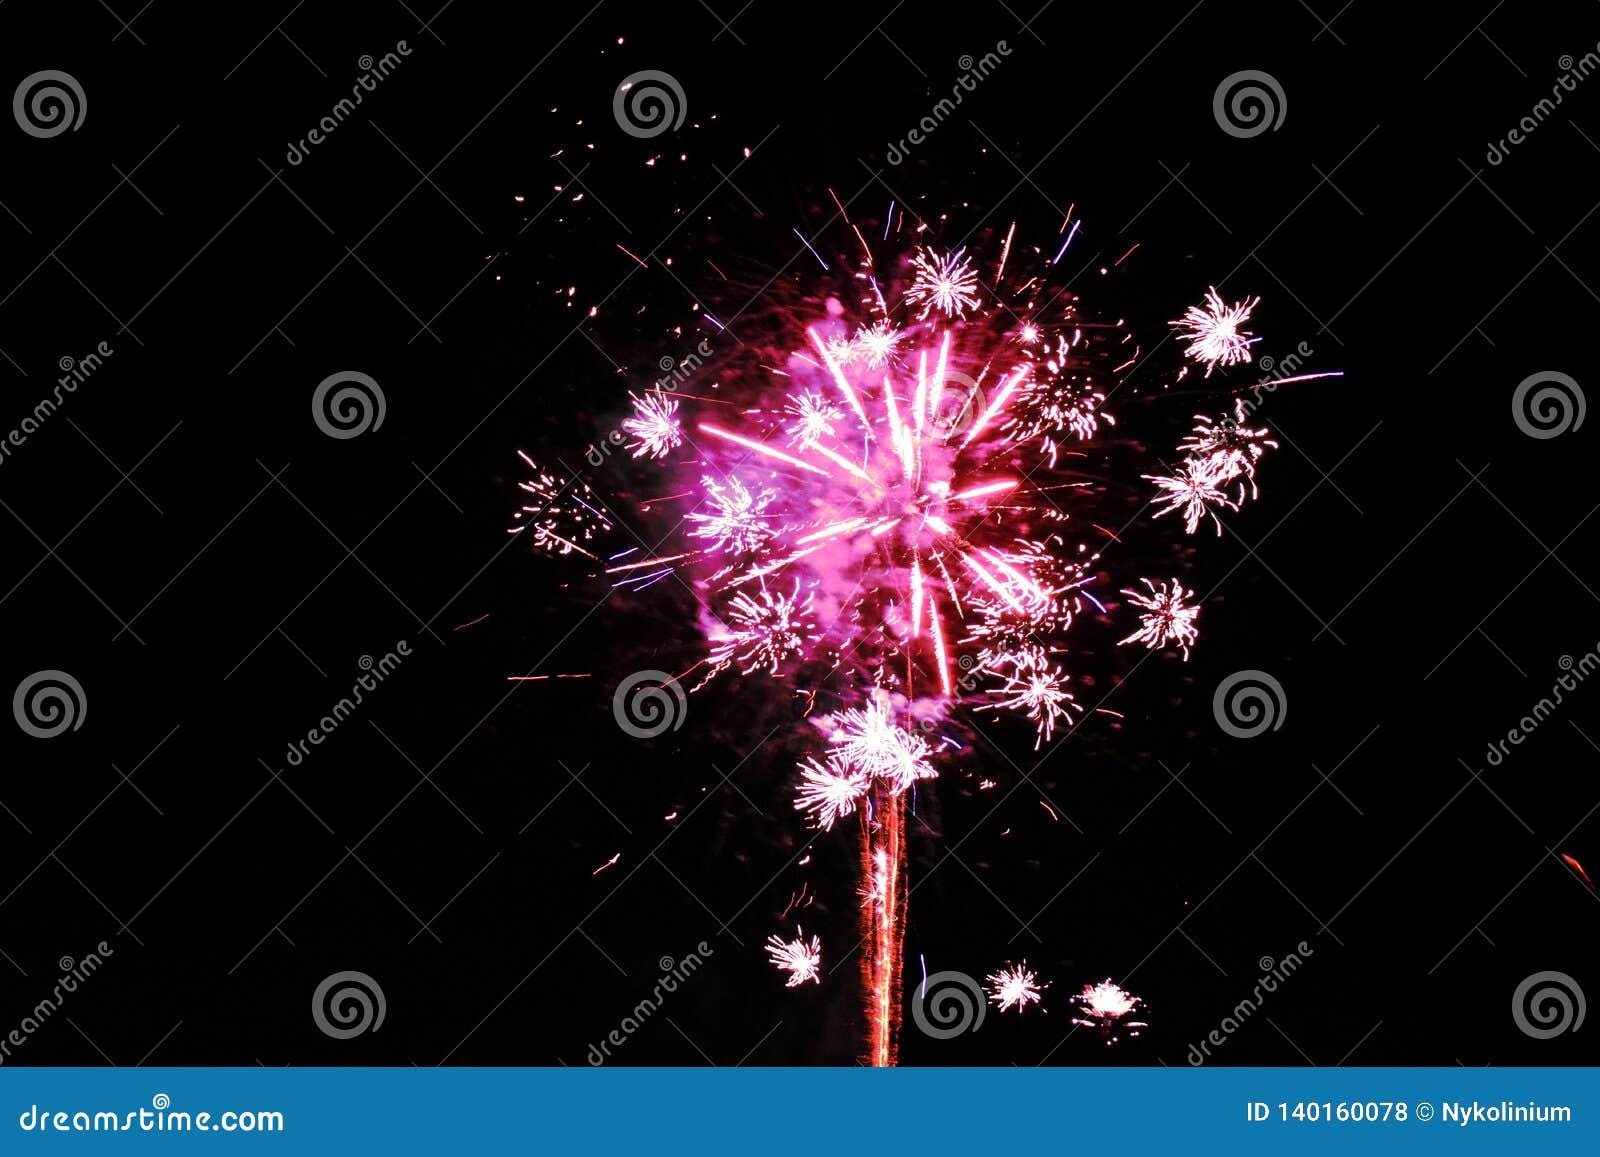 Magentarote rosa Feuerwerke lokalisiert auf einem dunklen Nachthintergrund